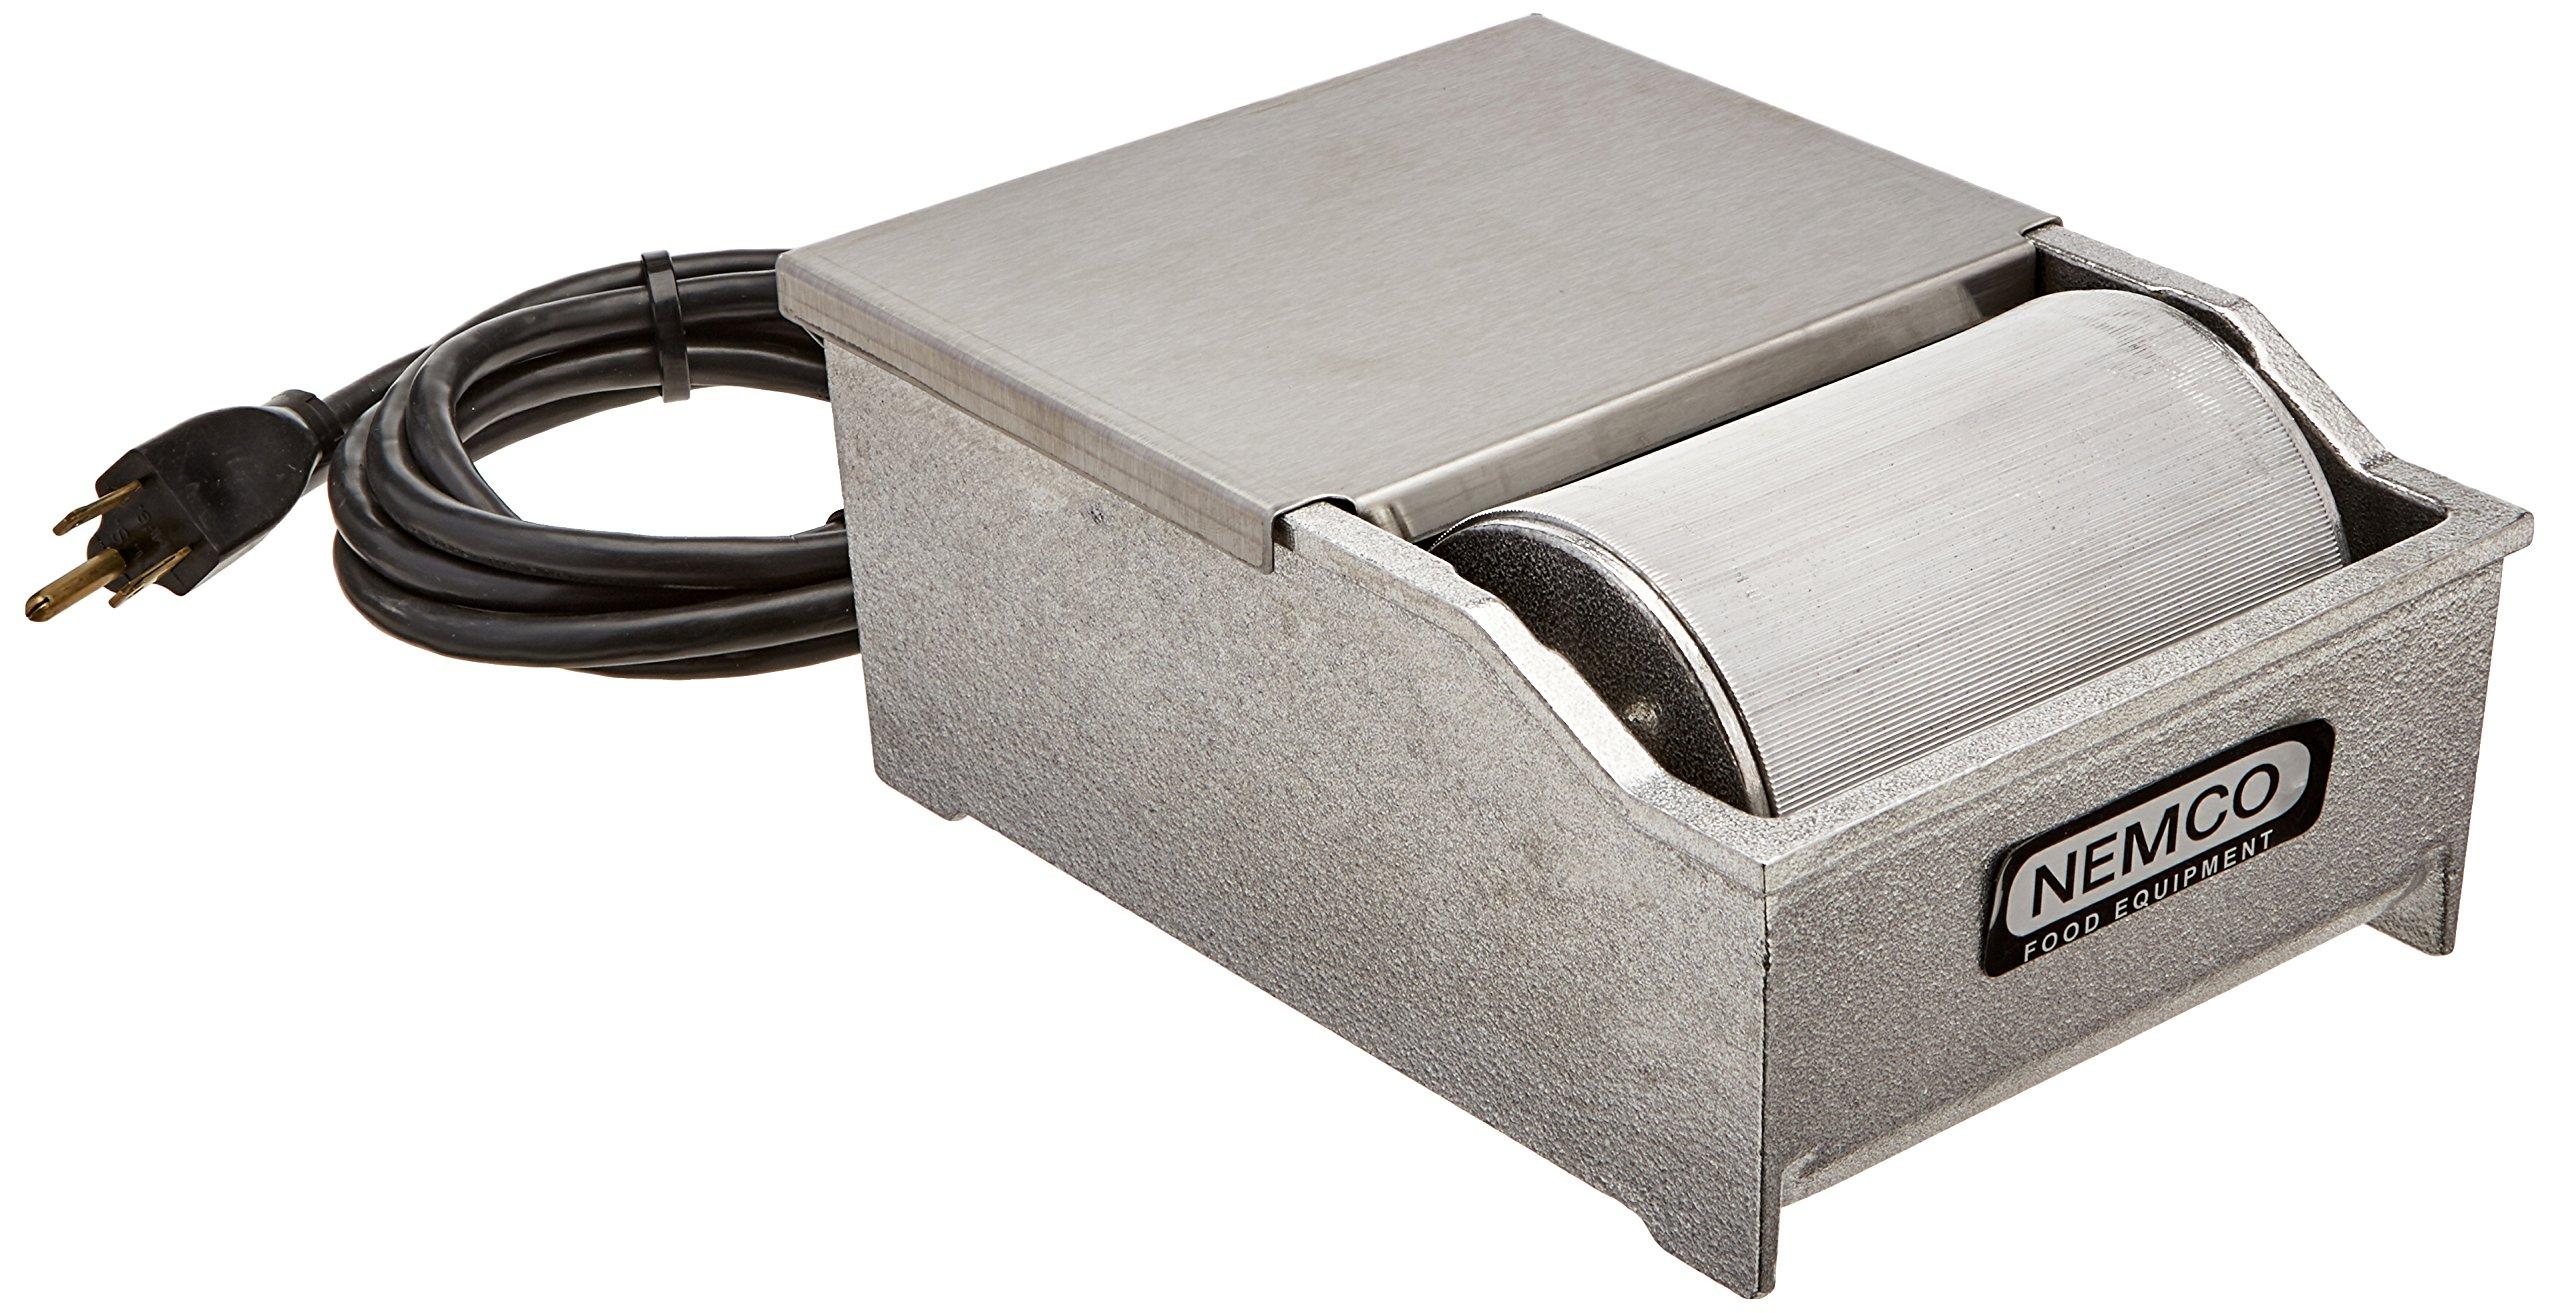 Nemco 8150-RS1 Heated Butter Spreader - 120V